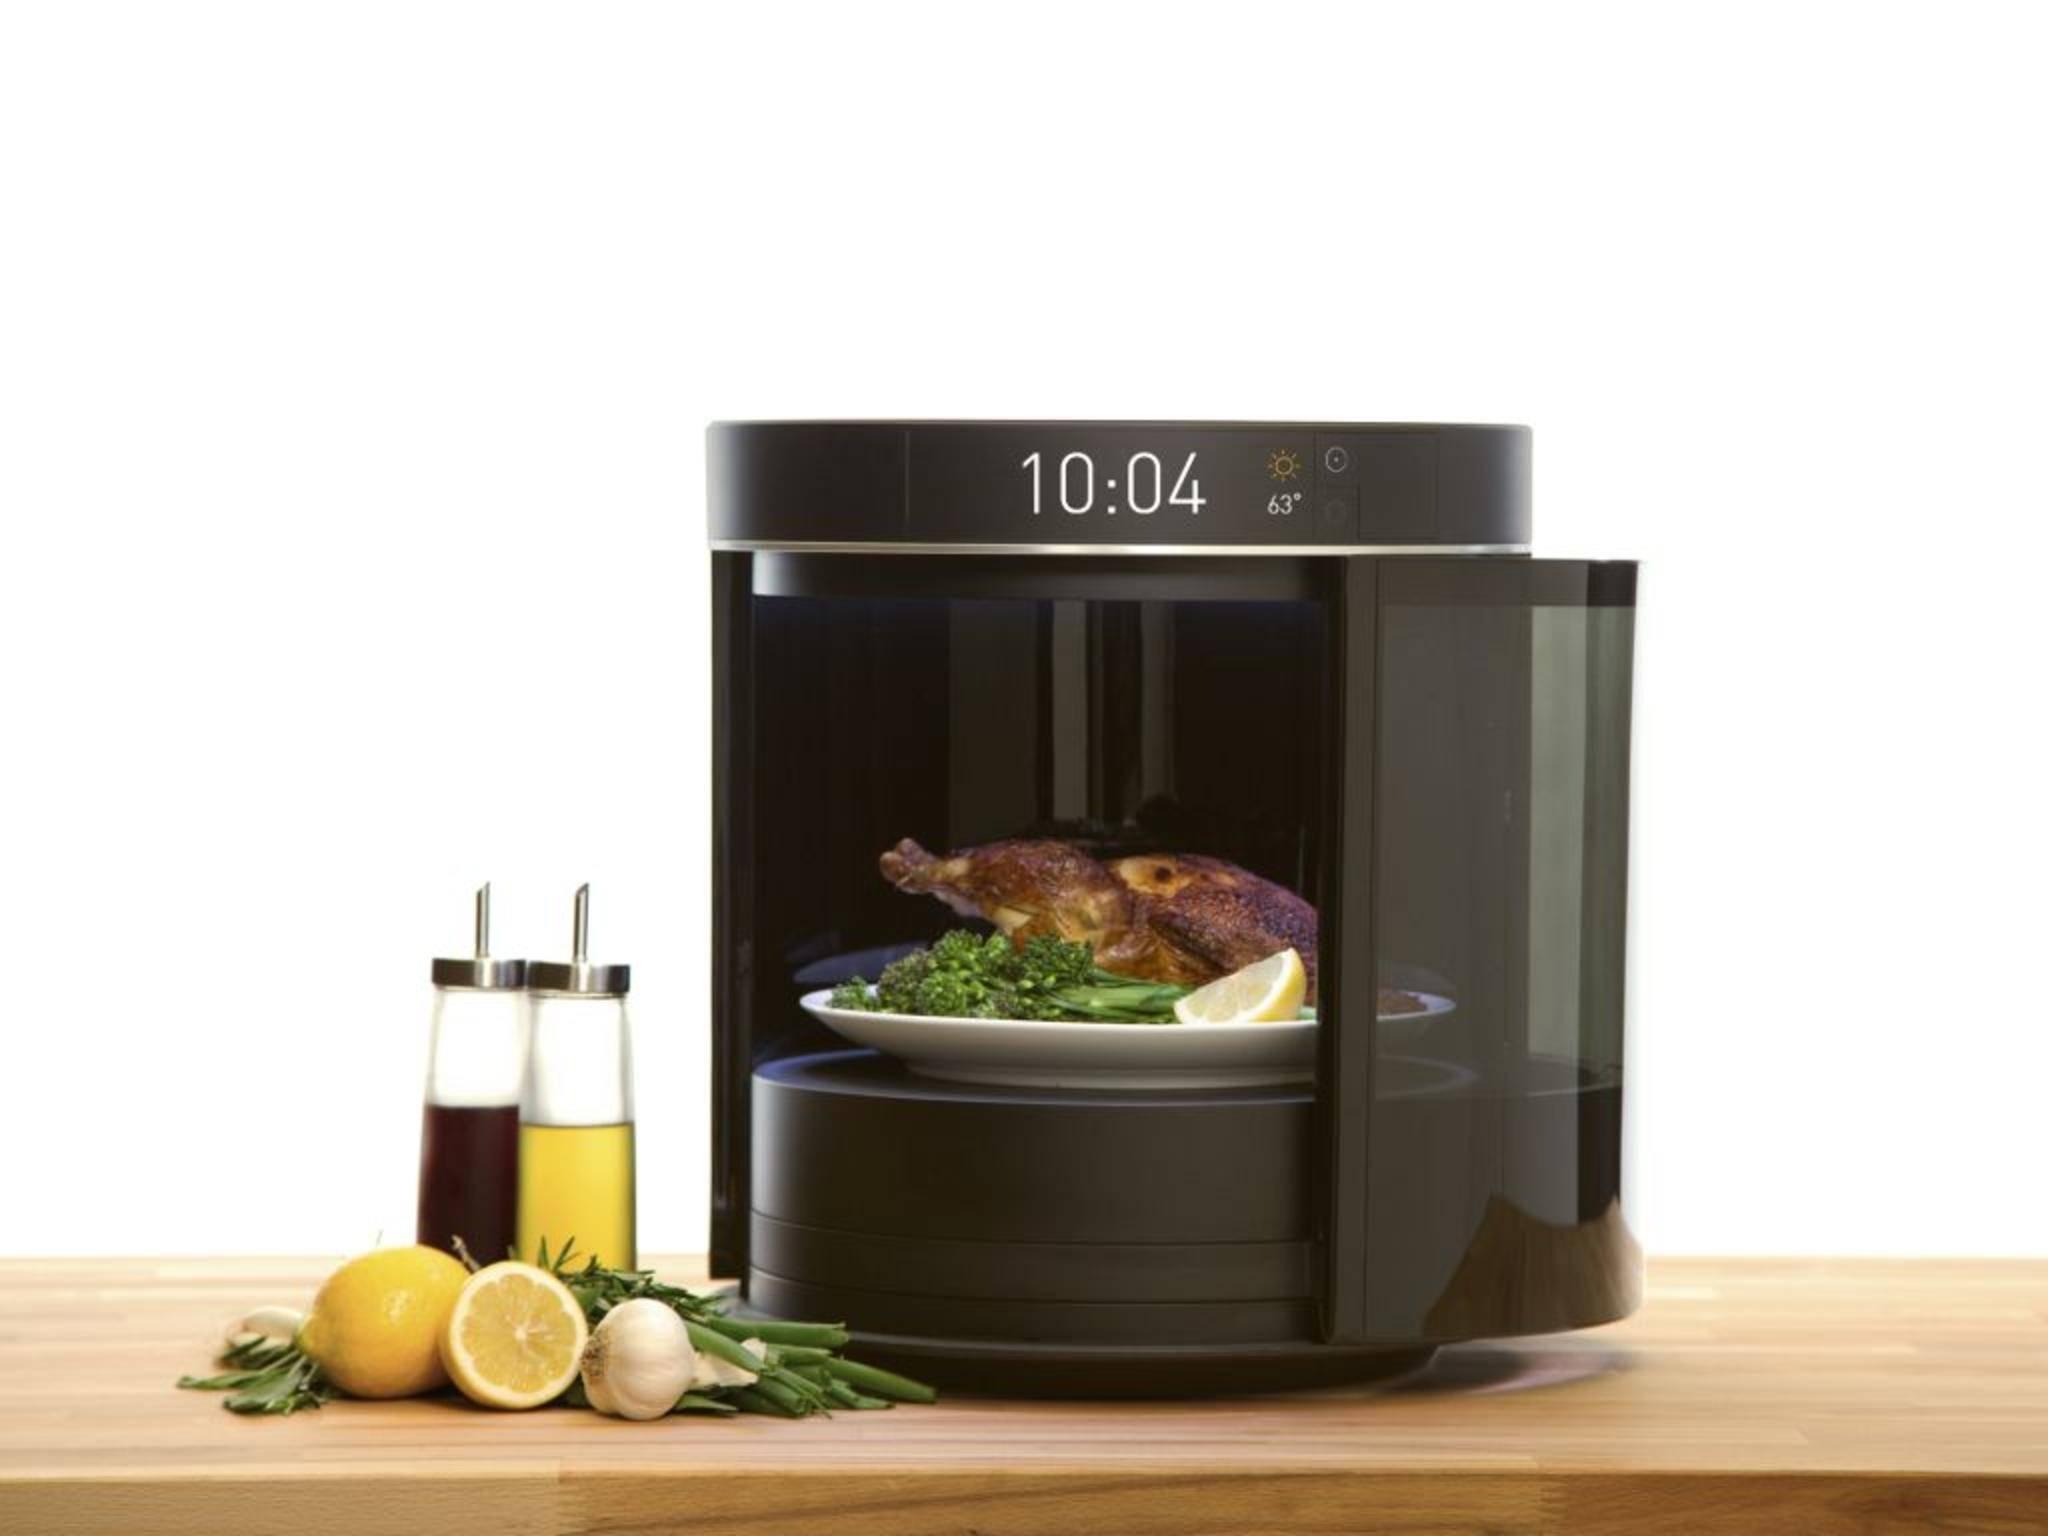 Essen erwärmen ohne Geschmacks- und Nährstoffverluste? Freescale will das möglich machen.